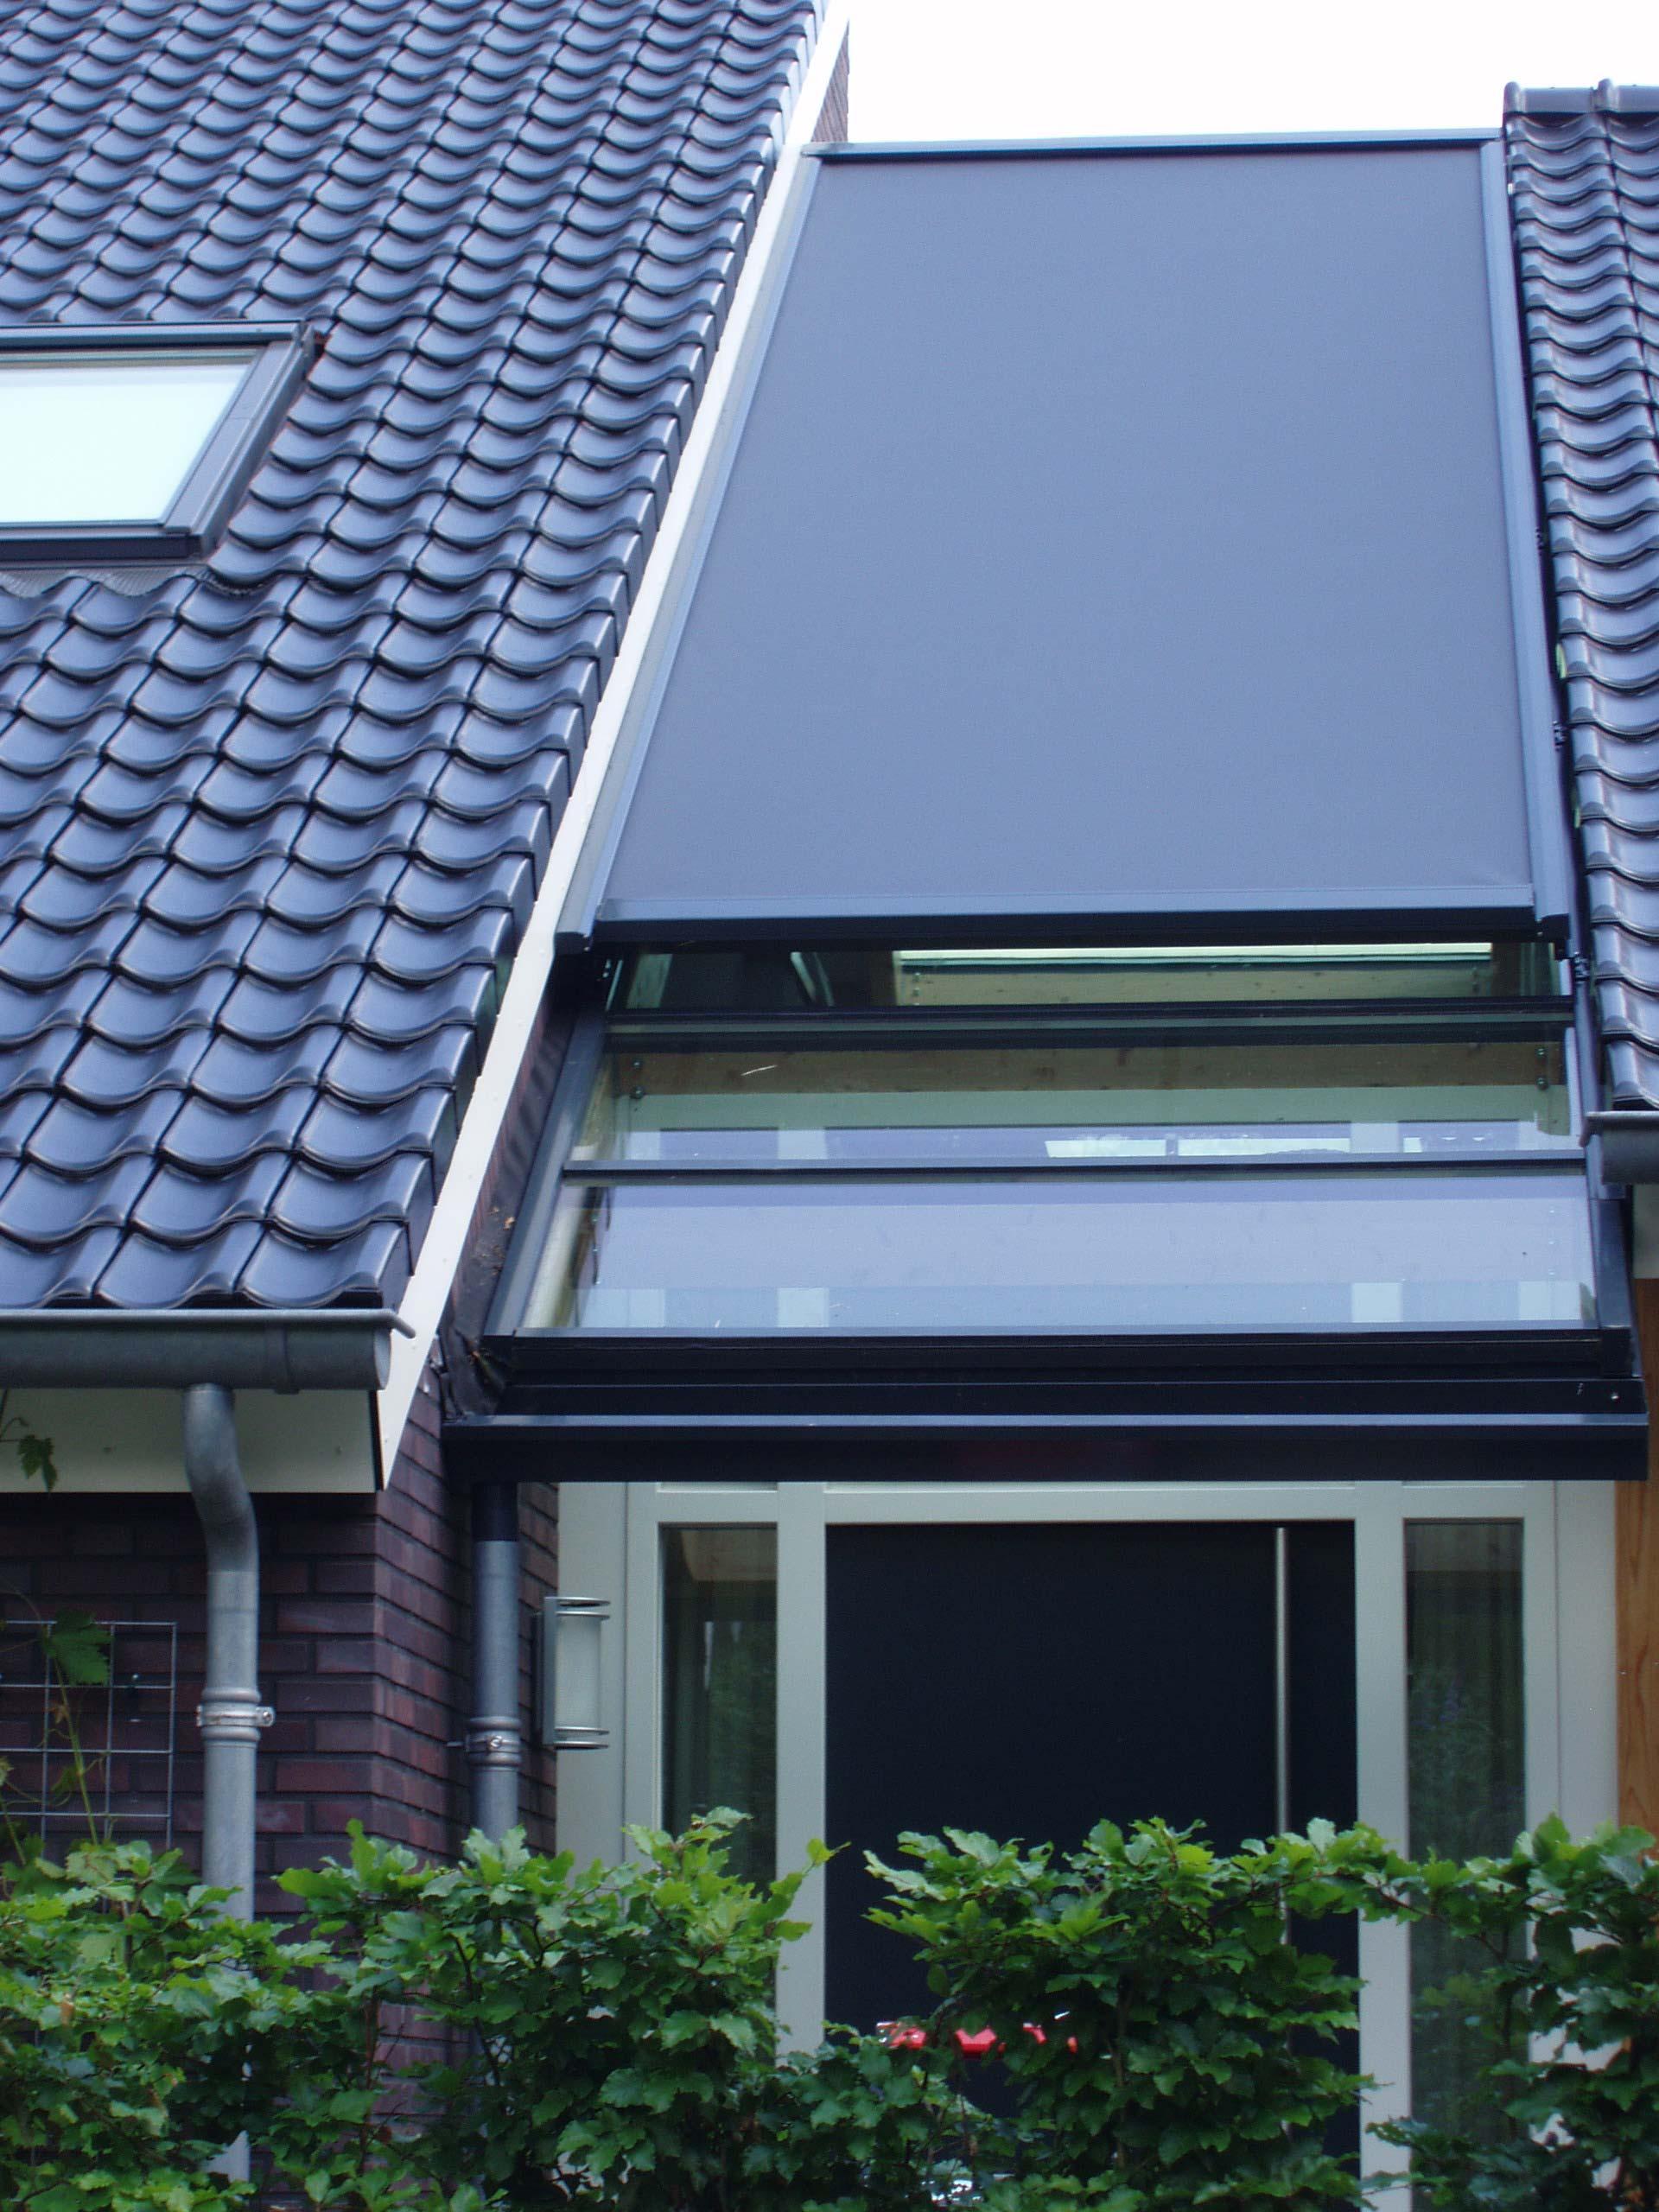 Dachfenster Einbauen Vorteile Ideen: Sicherheit